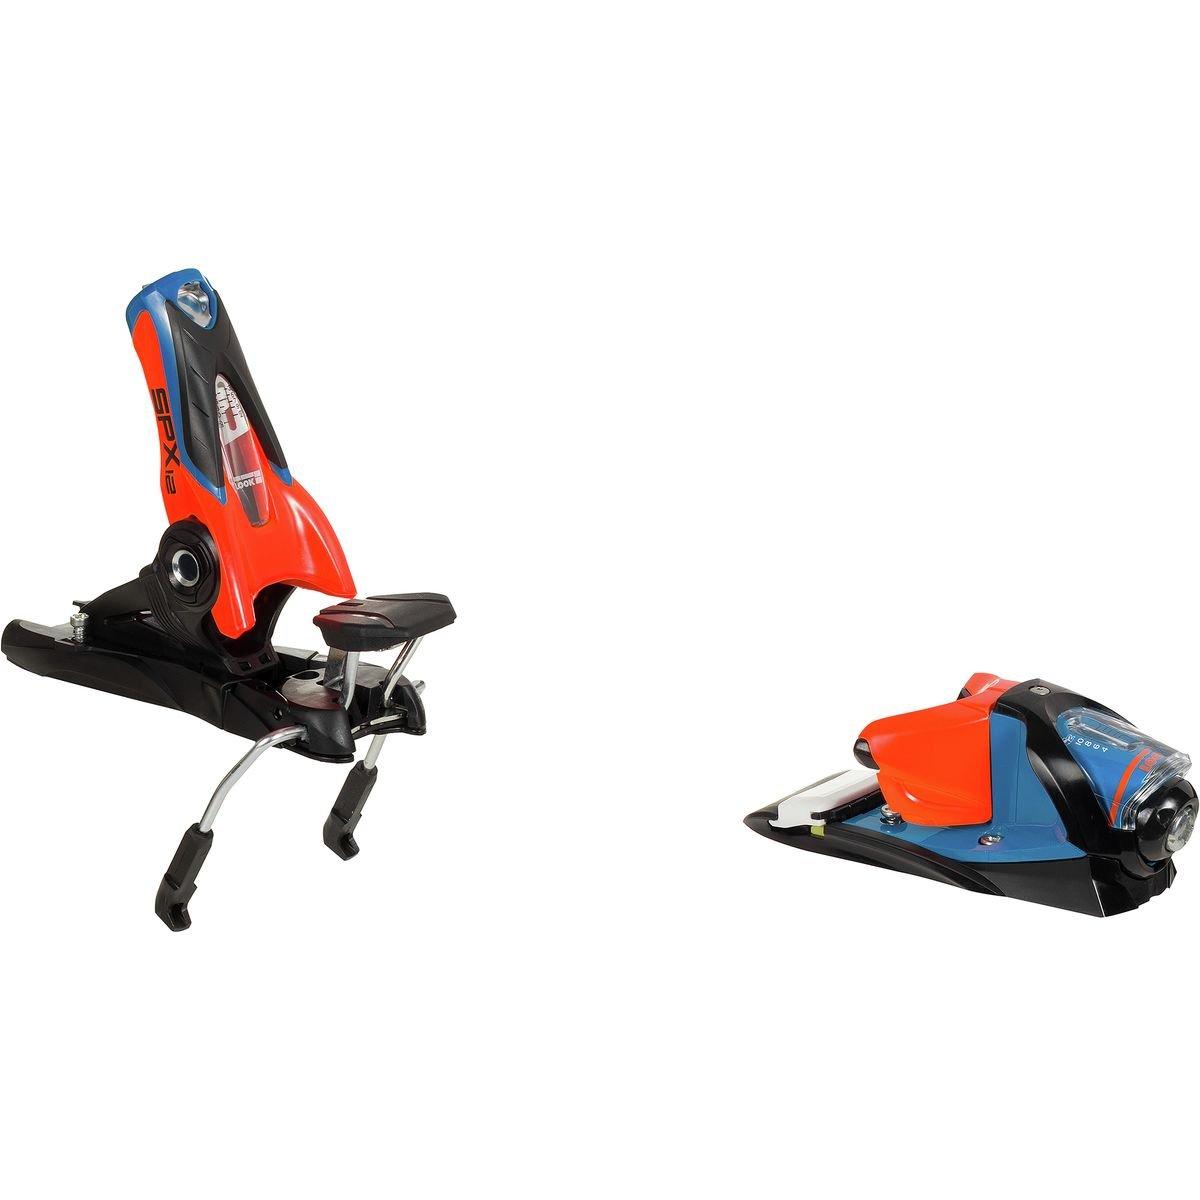 Look SPX 12 Dual WTR Binding 2018 - B90 Blue/Orange by Look